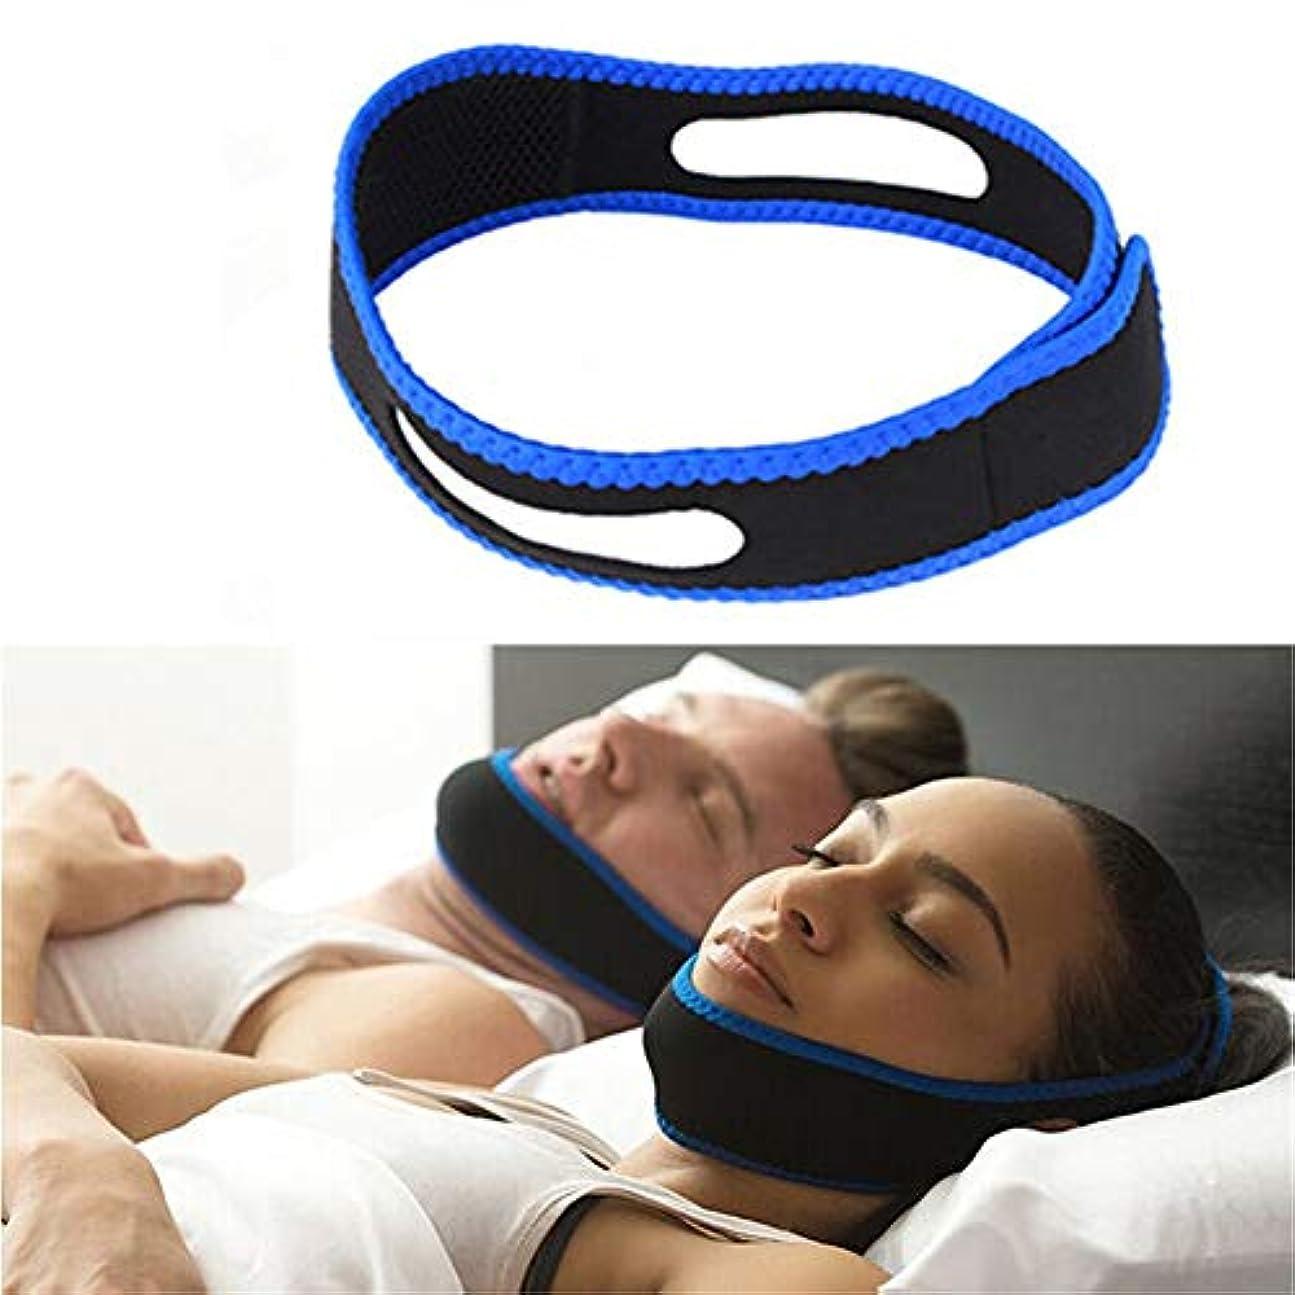 責任良心概してAngzhili いびき軽減グッズ いびき防止装置 いびき対策グッズ 睡眠補助 快眠サポーター 肌に優しい サイズ調整可能 男女兼用